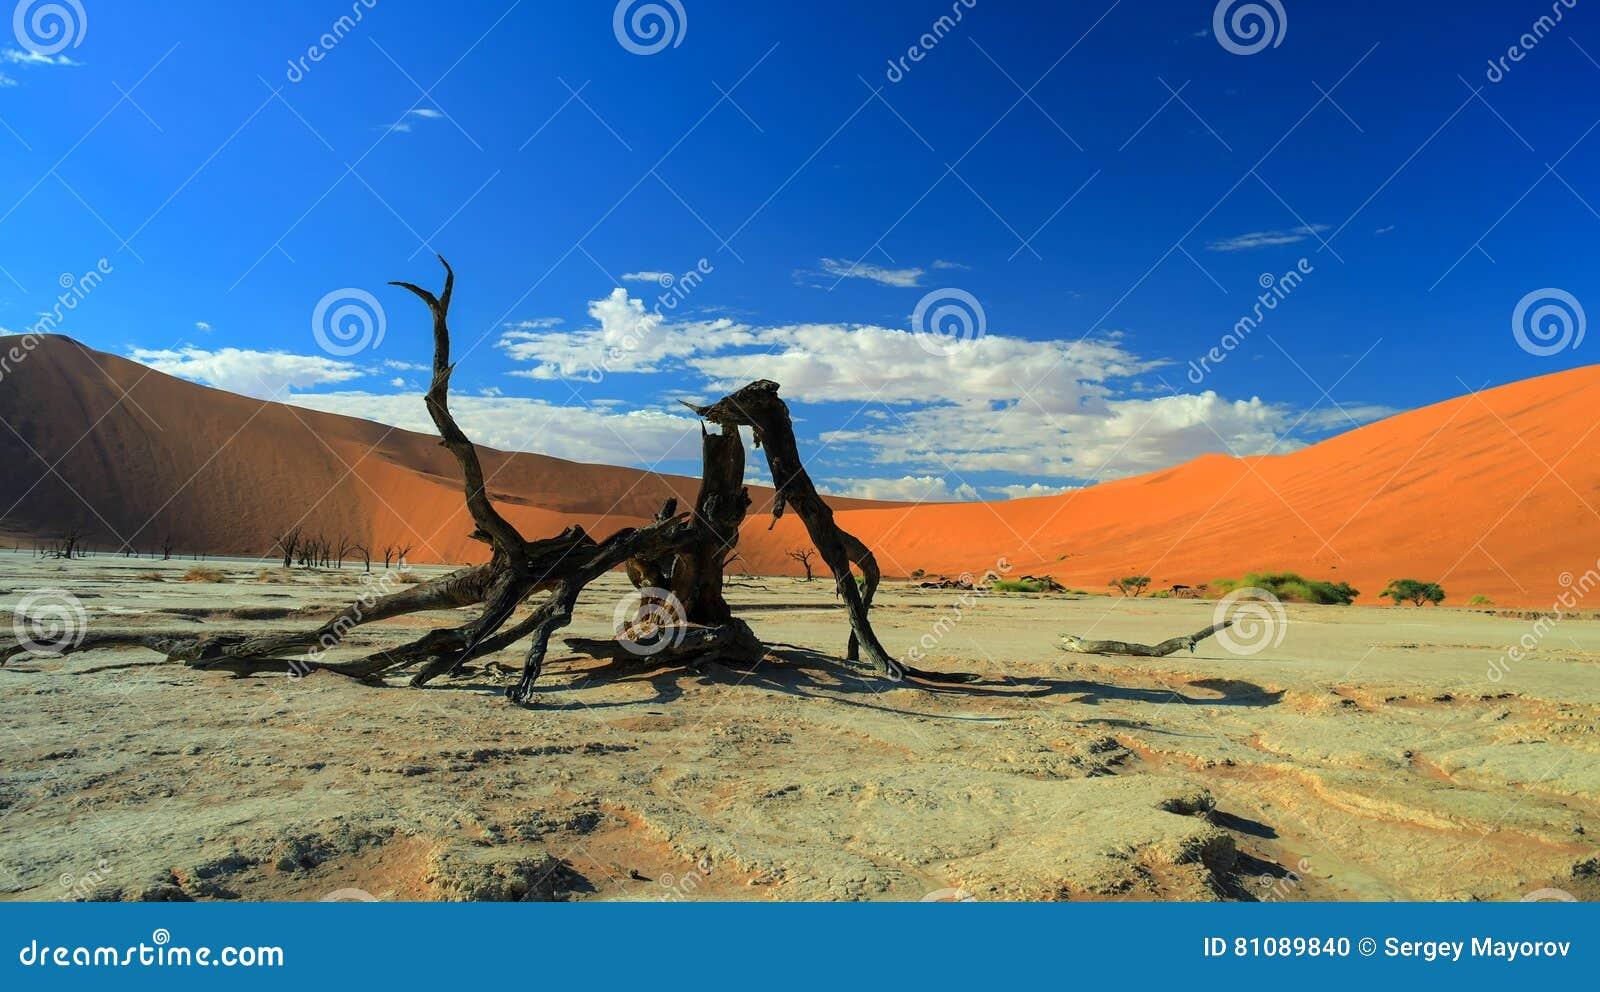 Deadvlei in Namib-Naukluft national park, Sossusvlei Namibia